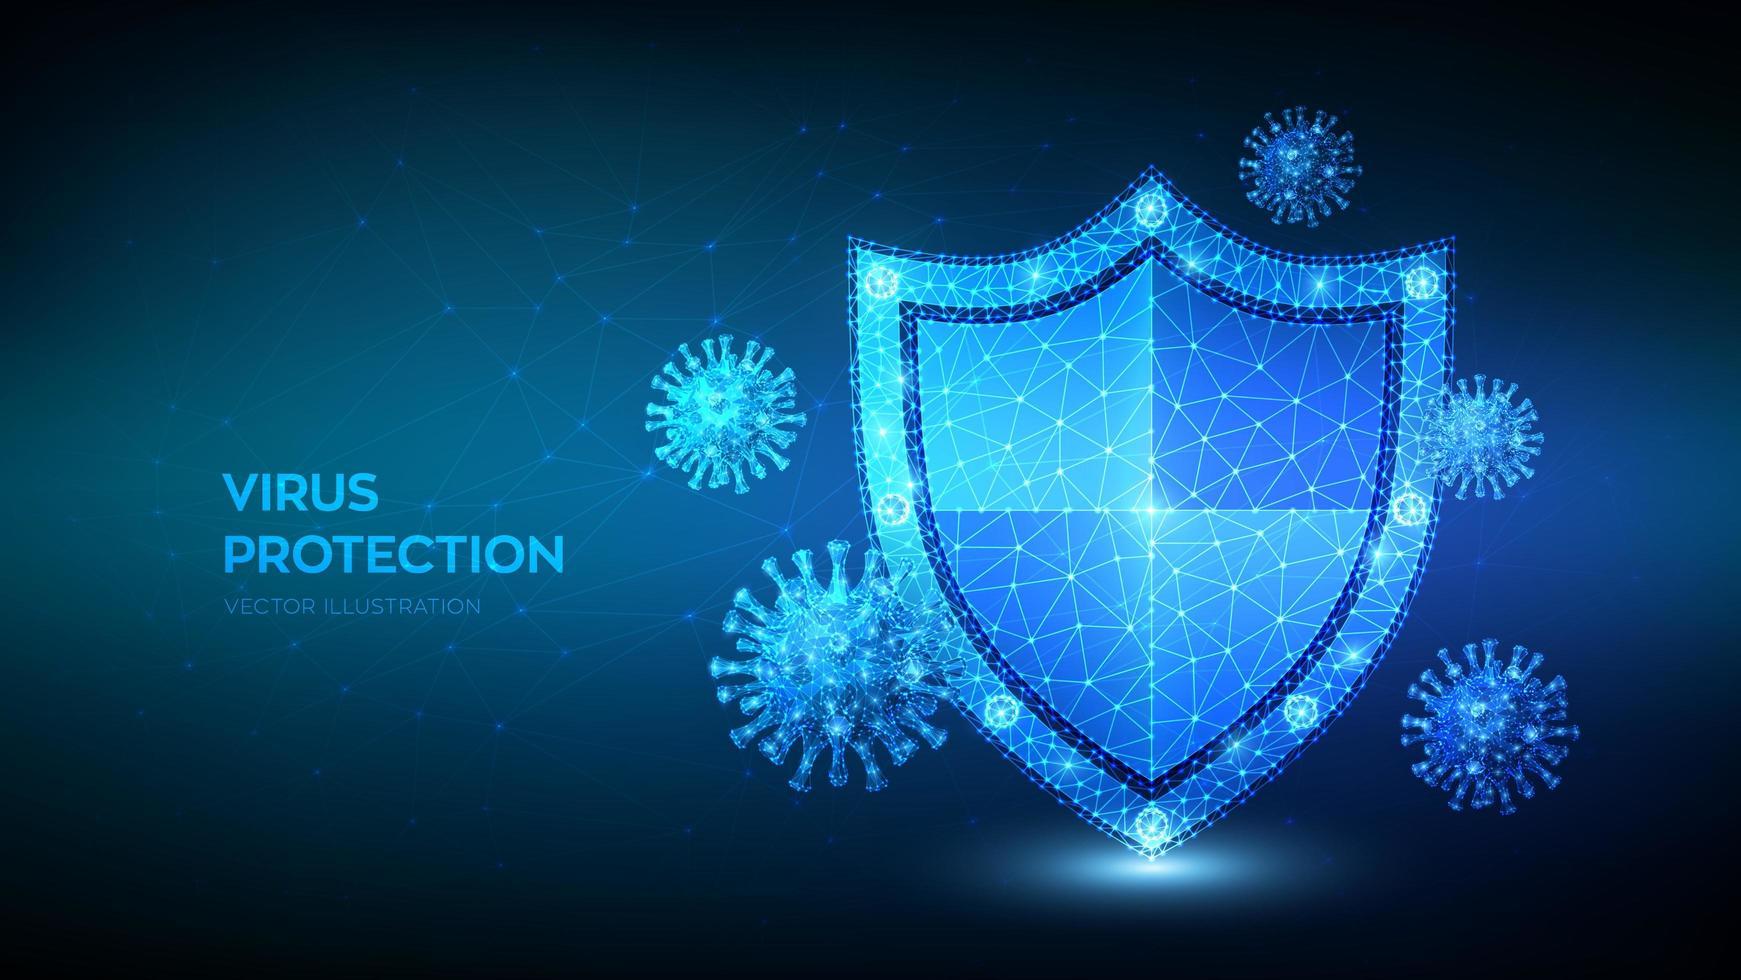 niedriger polygonaler Schild und Covid-19-Viruszellen vektor